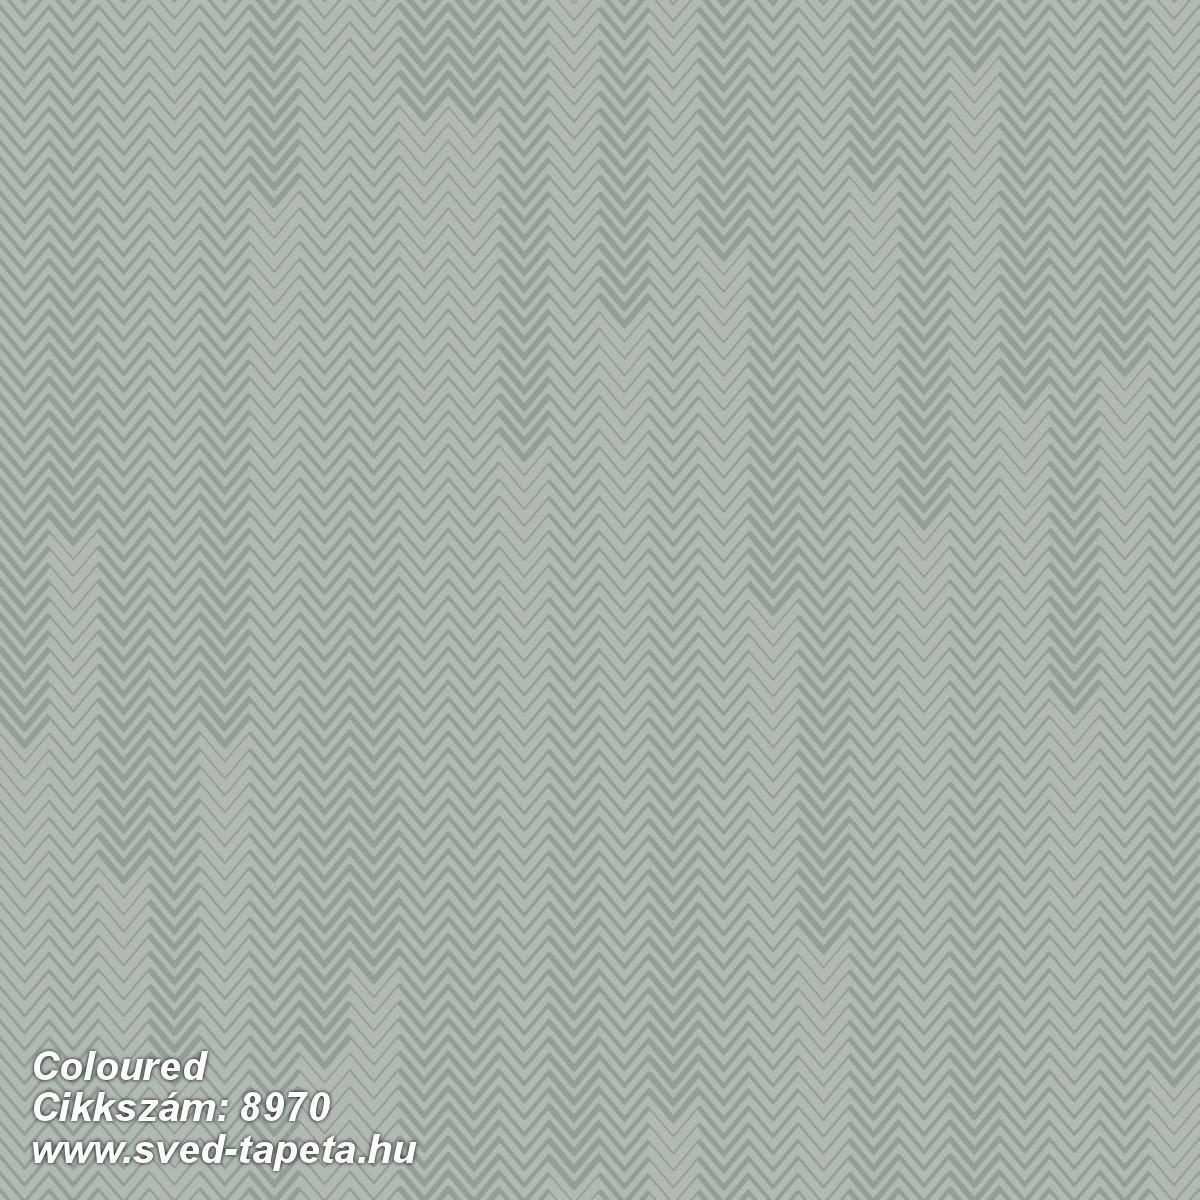 Coloured 8970 cikkszámú svéd ECOgyártmányú designtapéta